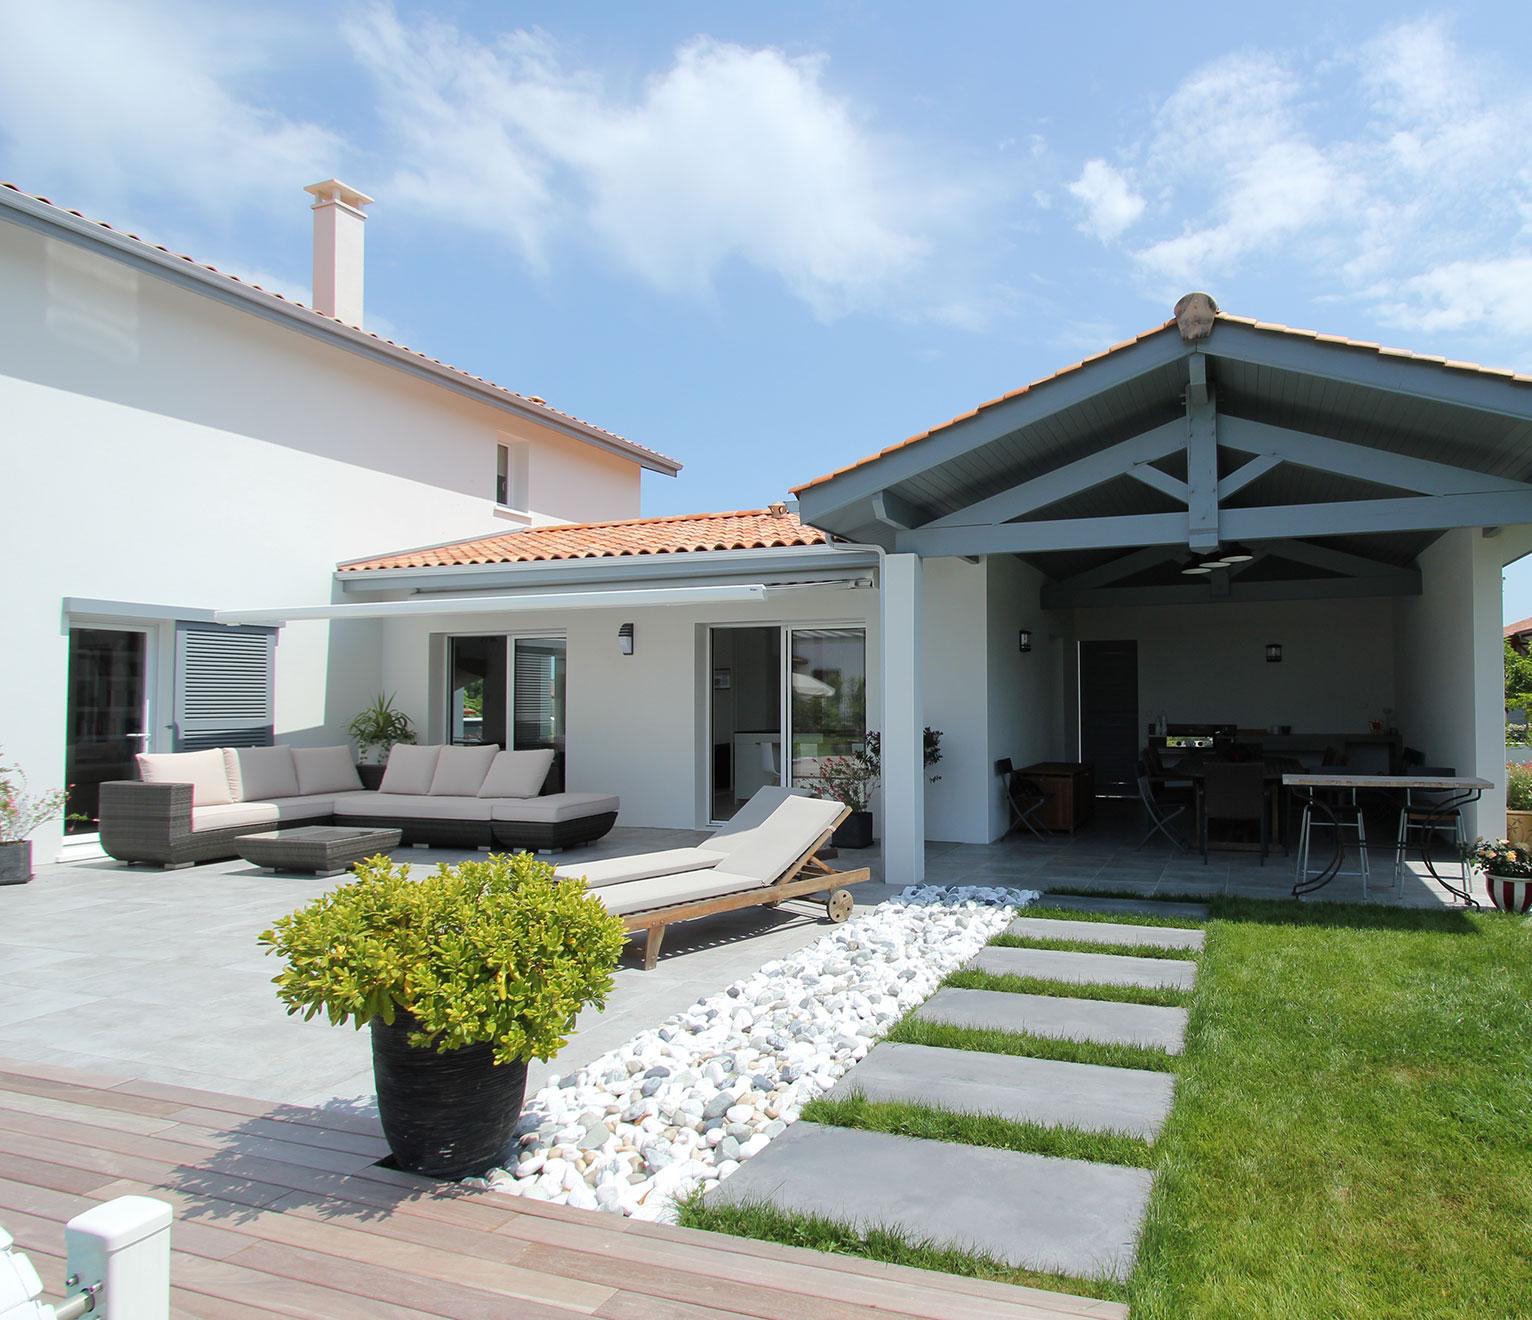 la terrasse couverte d'une maison basque